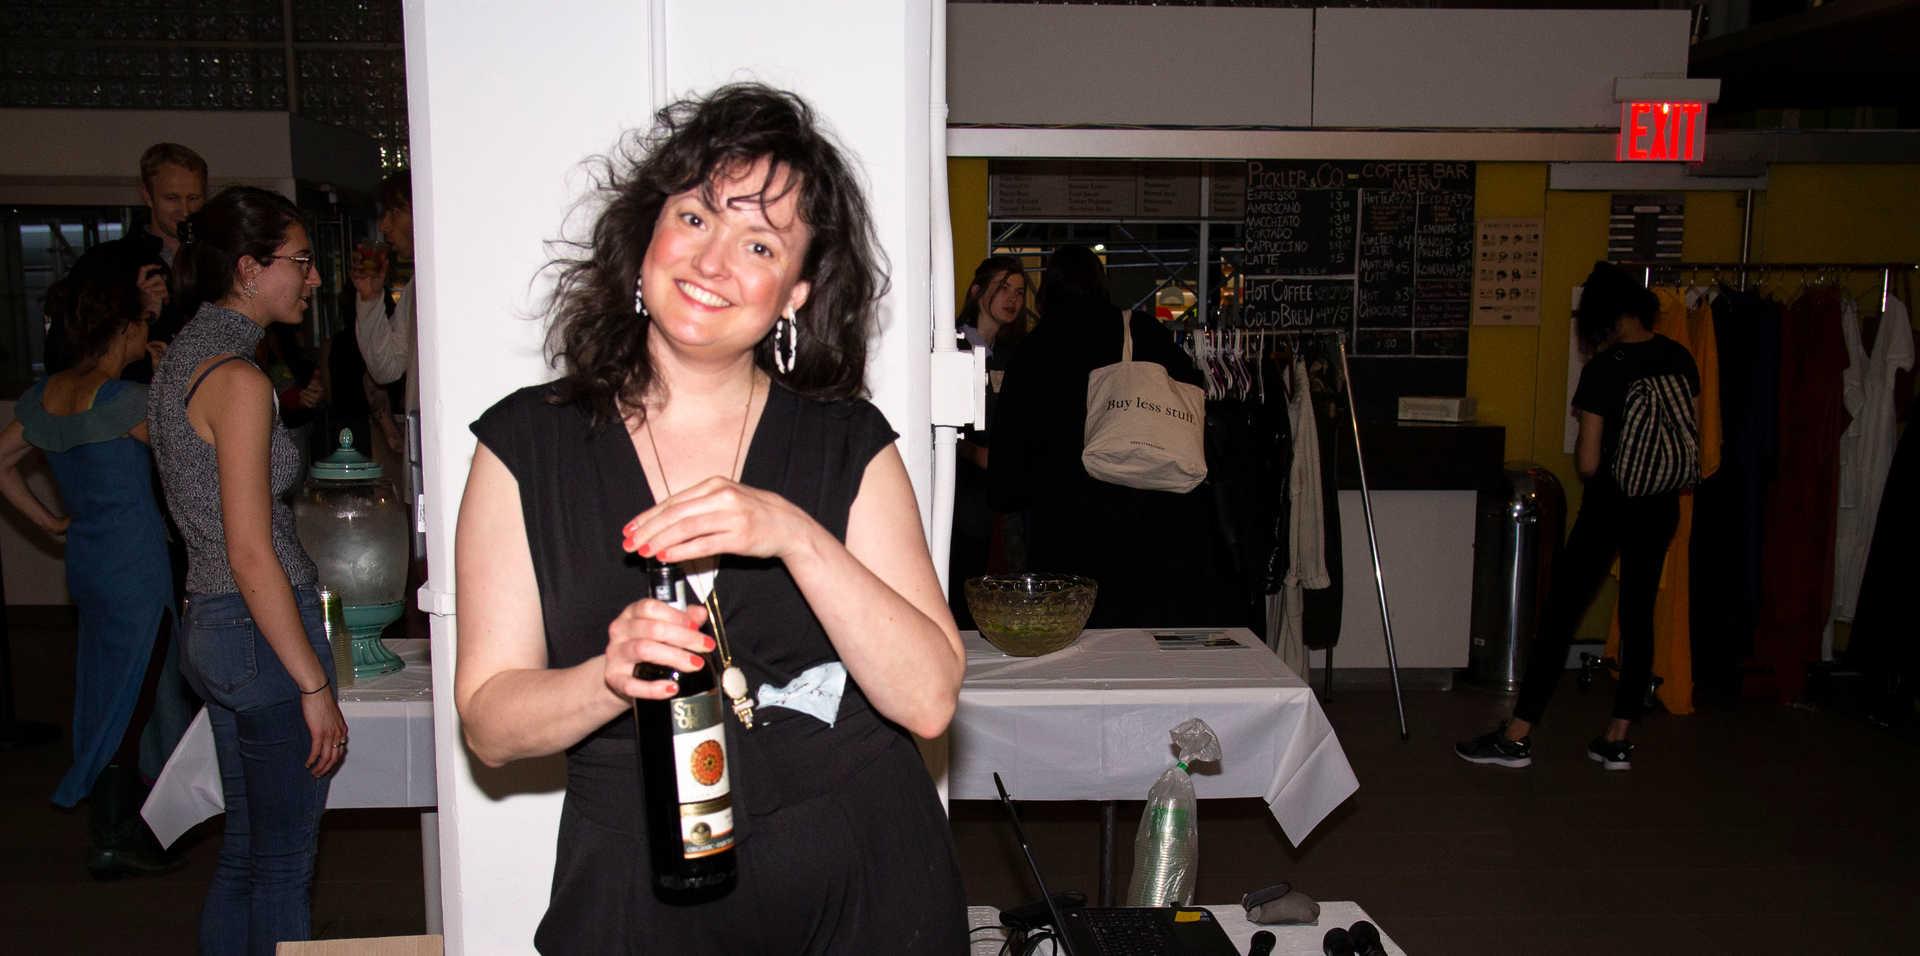 Amber as bartender